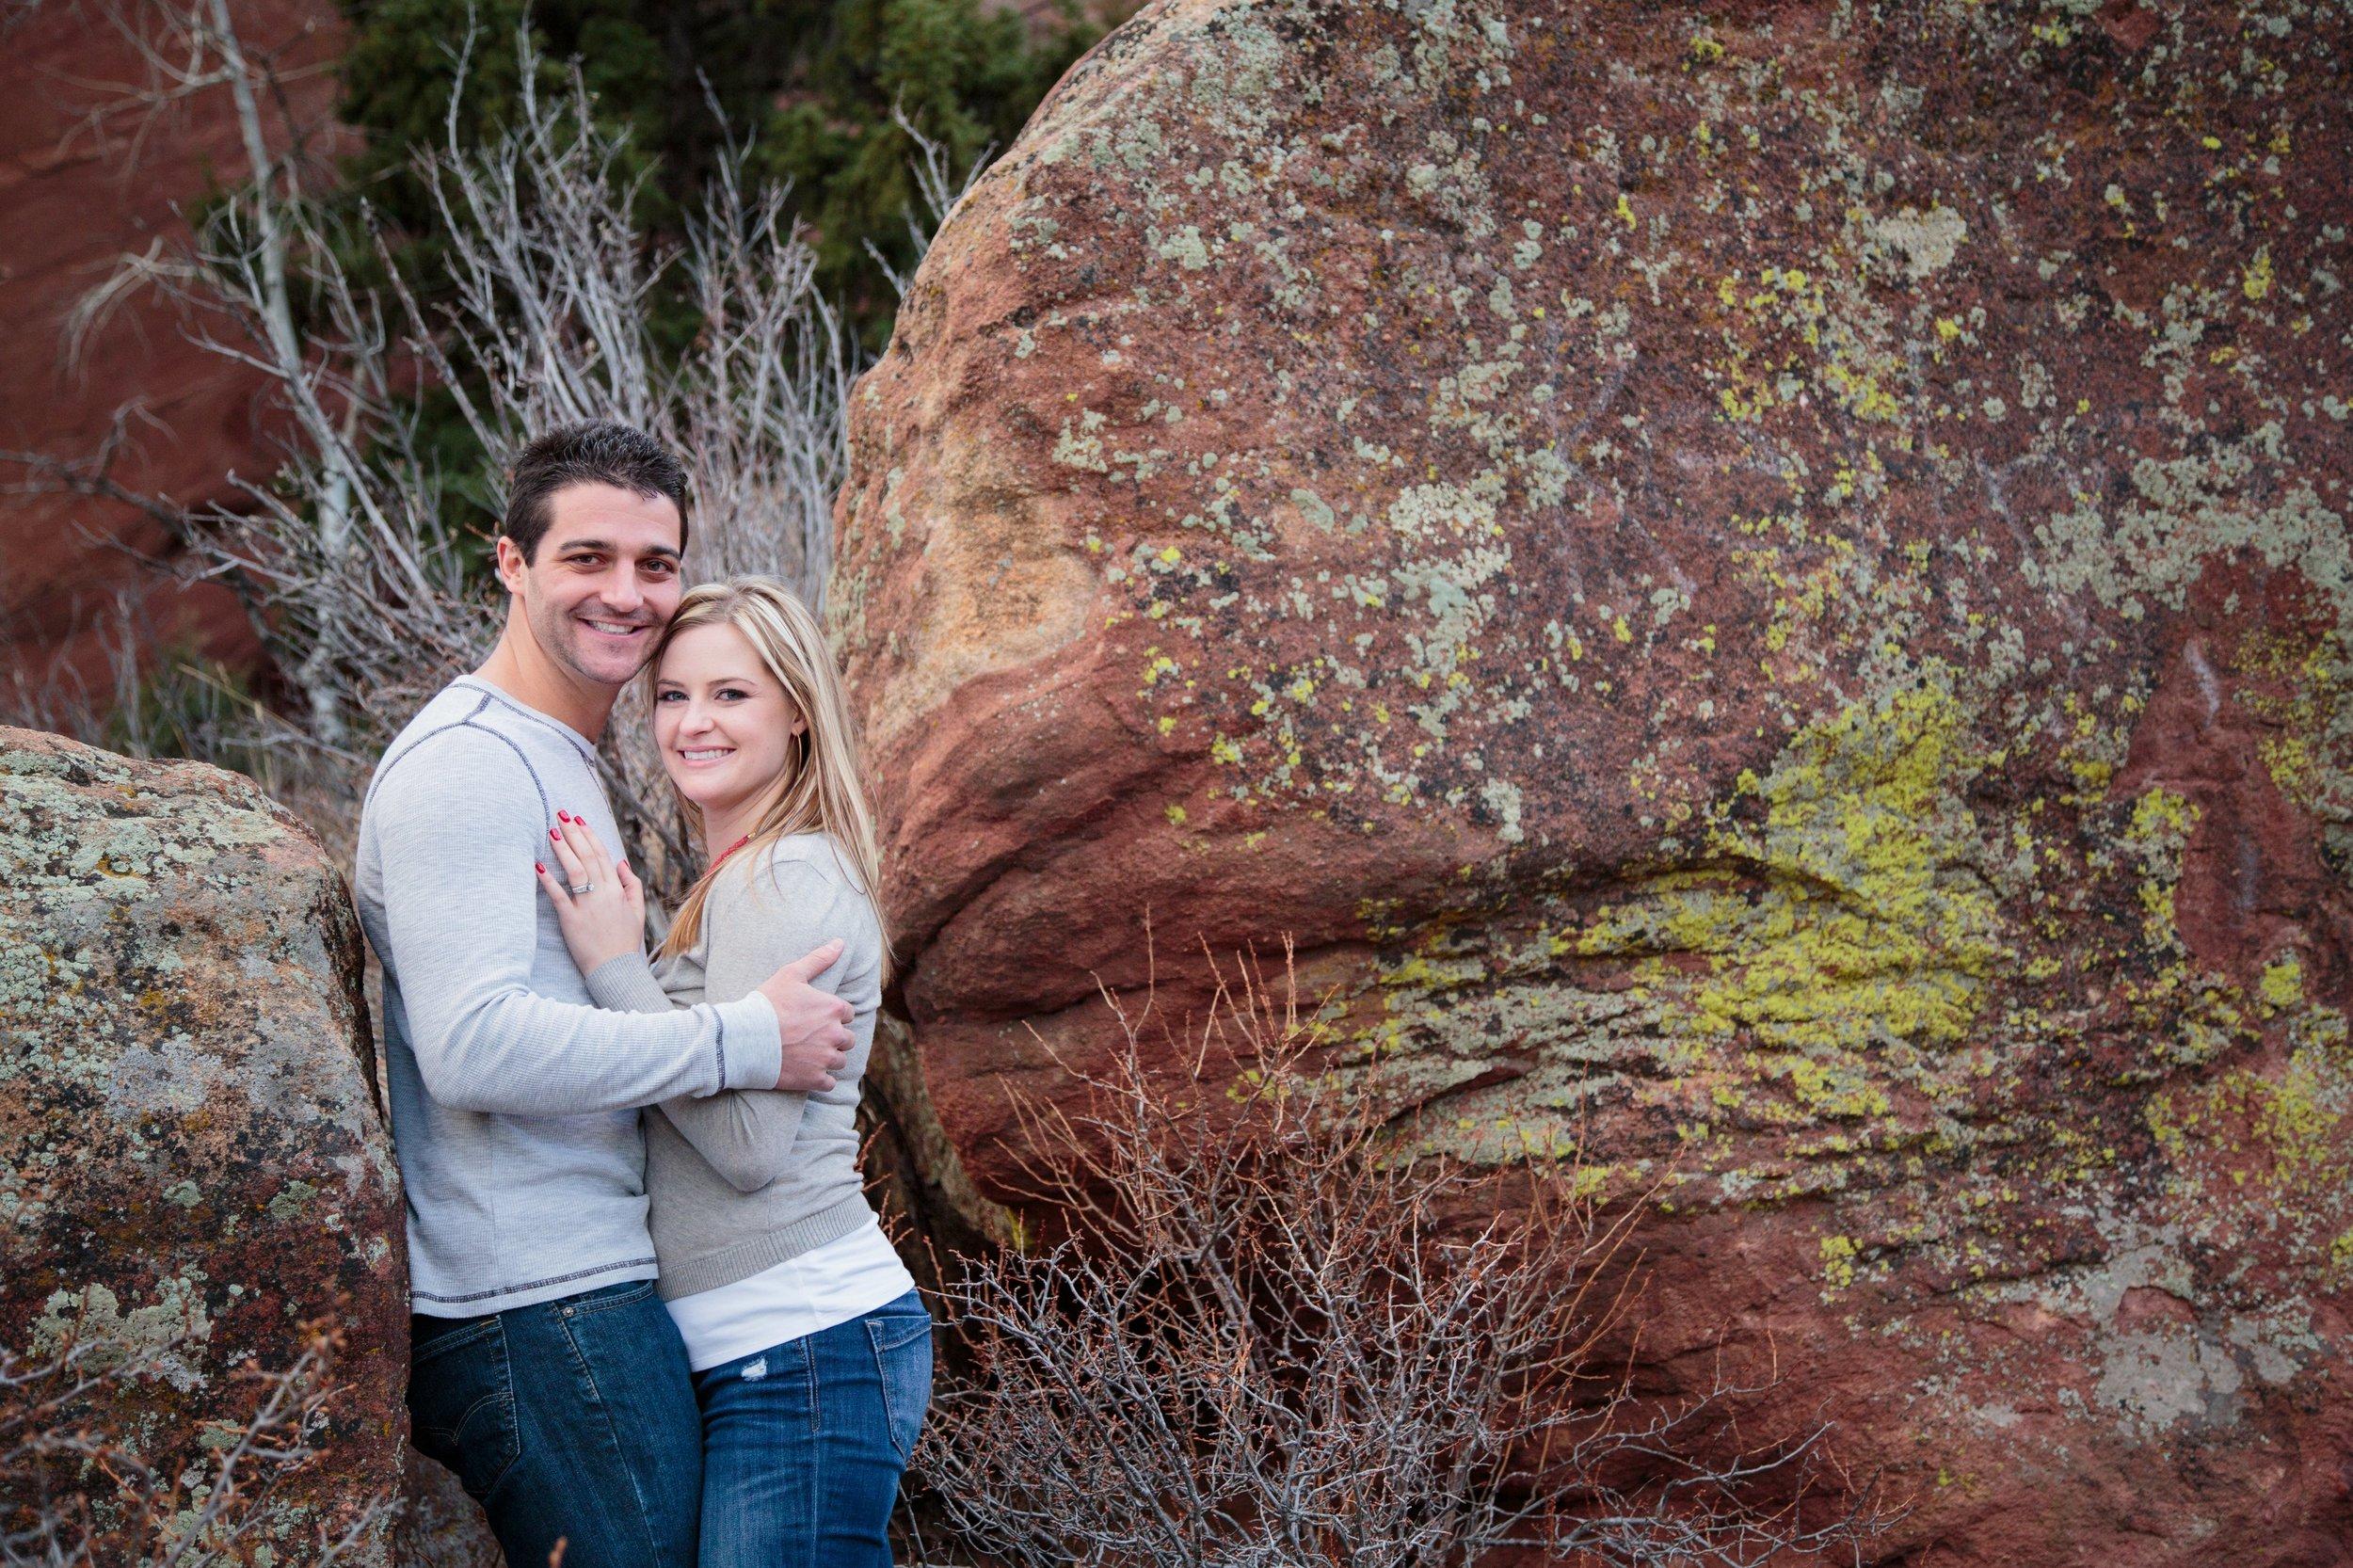 Between two boulders